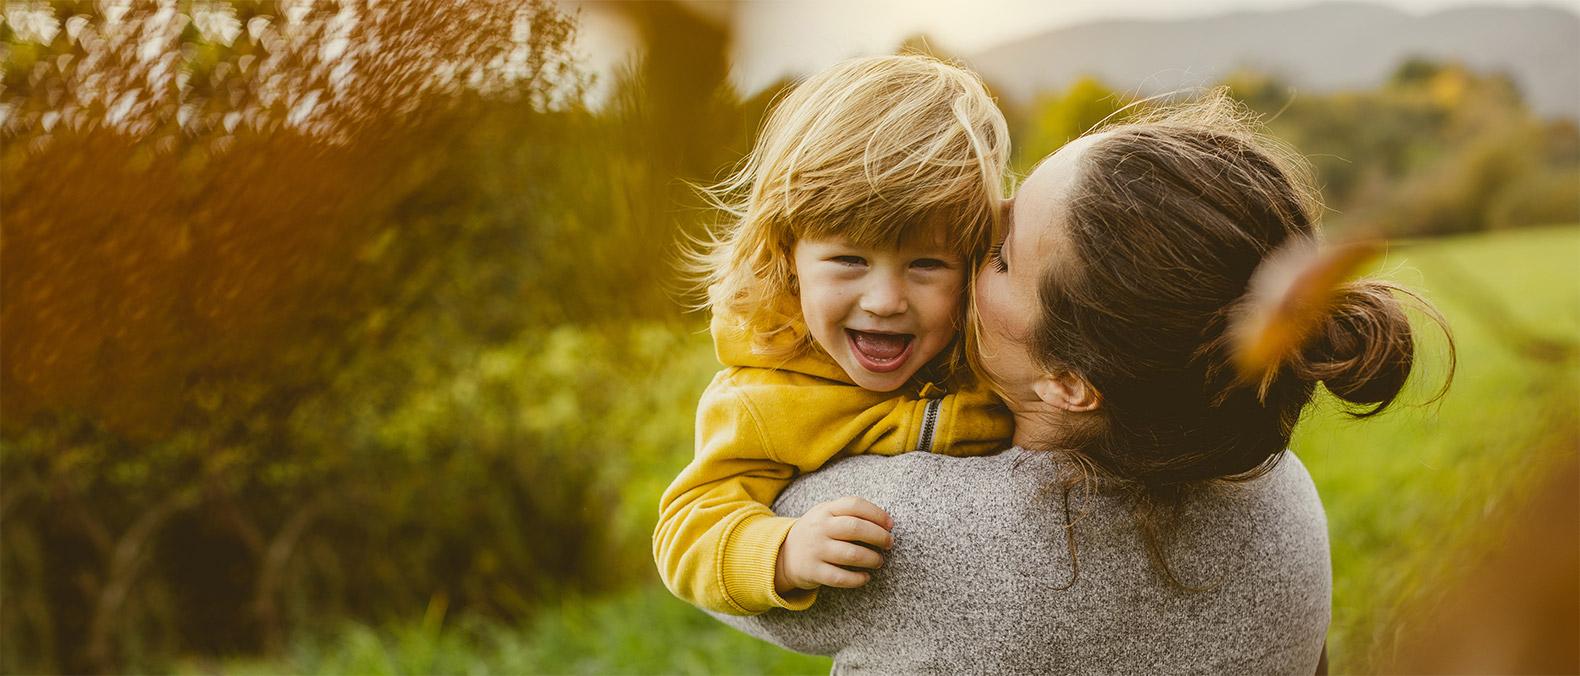 la aventura de educar hijos